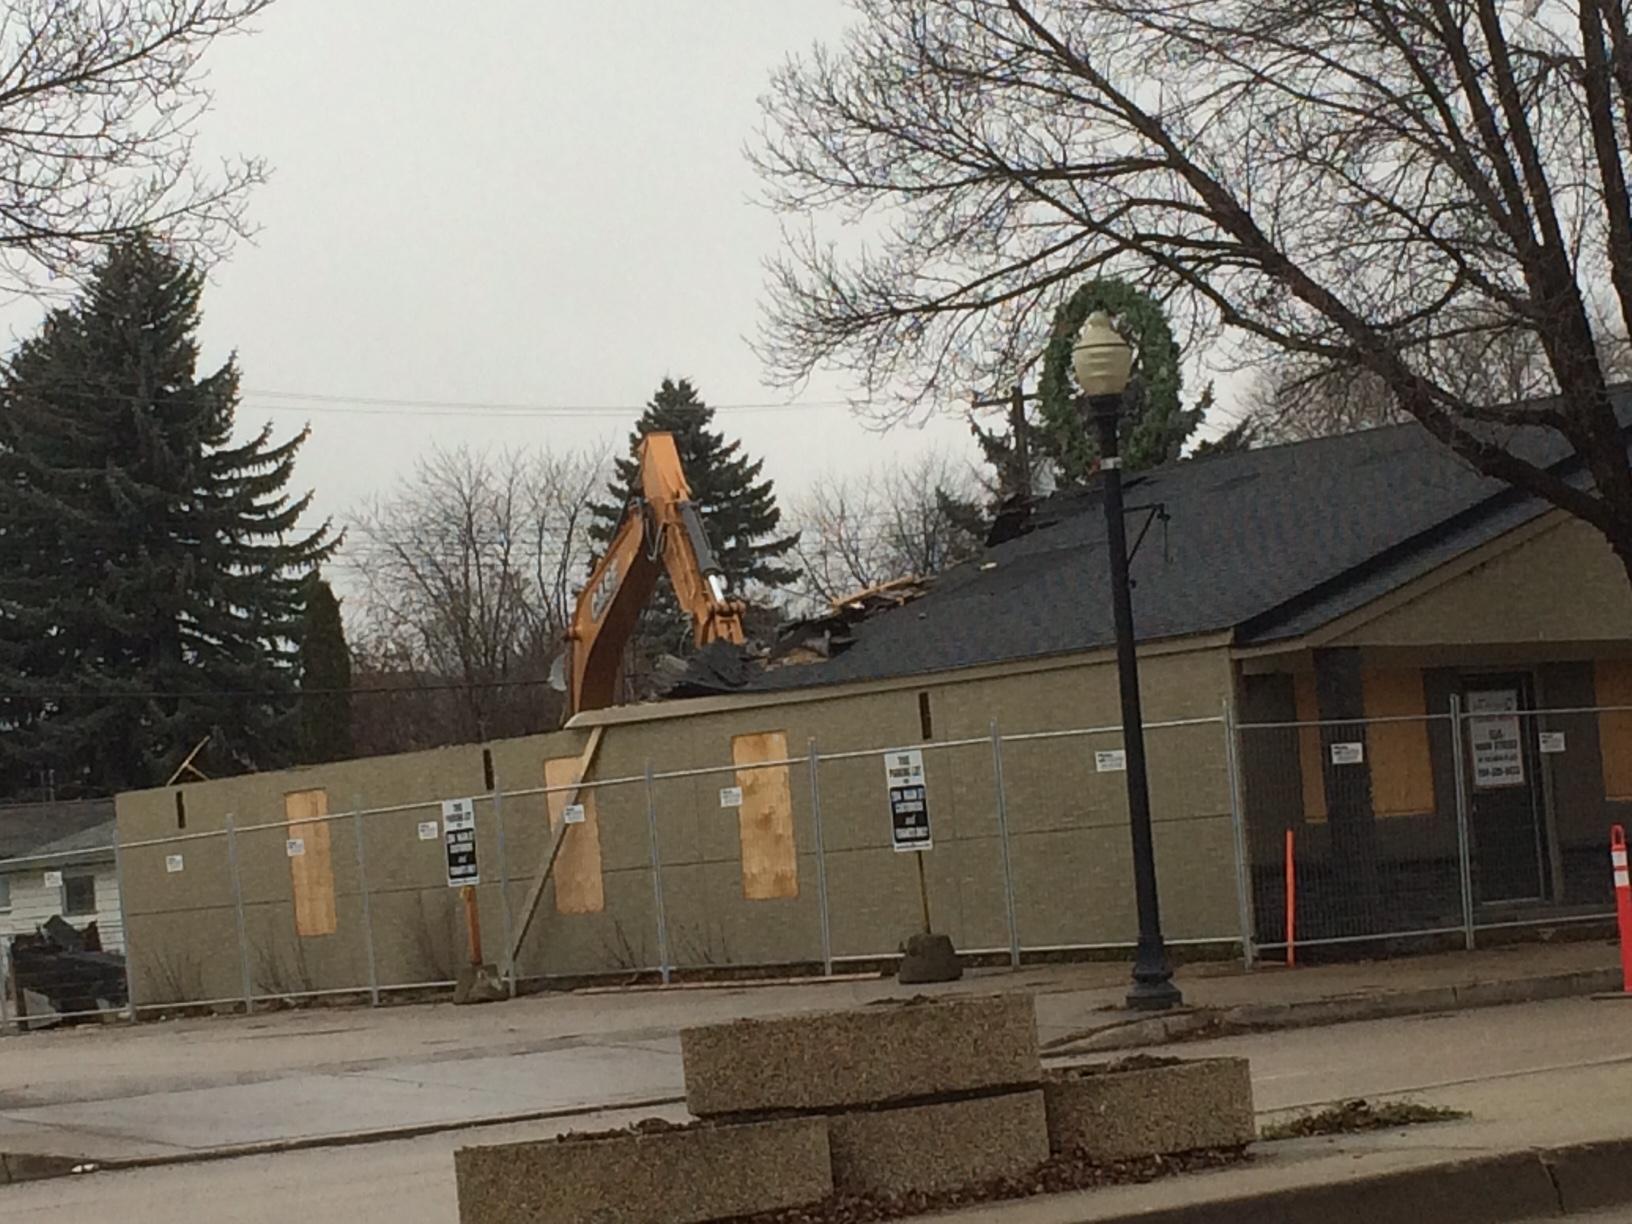 Demolition has begun at 240 Main Street. November 23, 2016